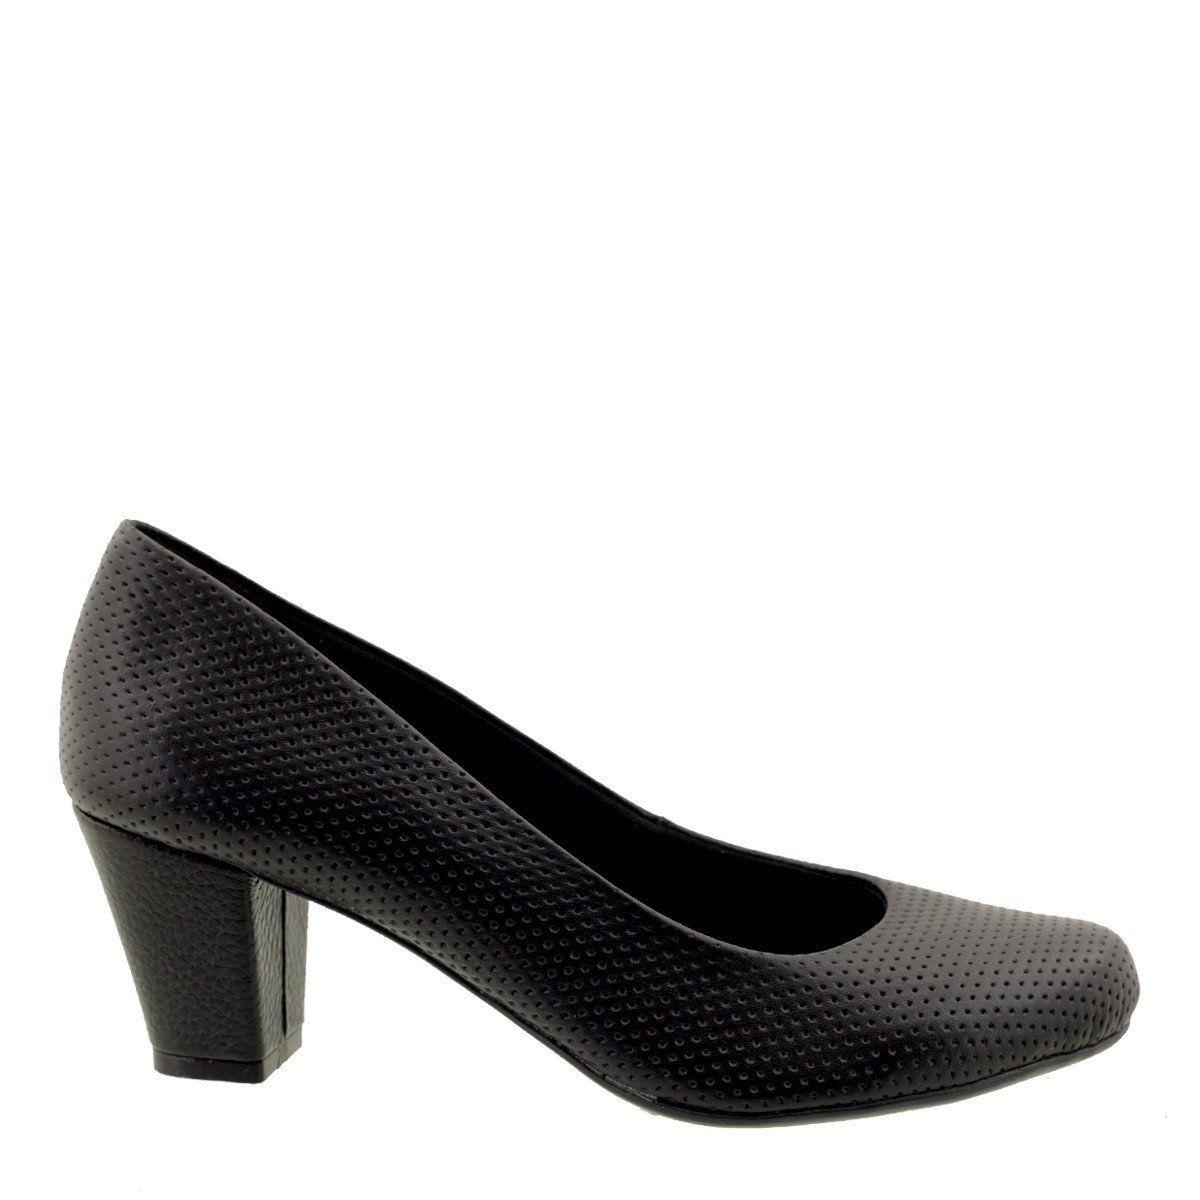 Sapato Scarpin Feminino de Couro Preto